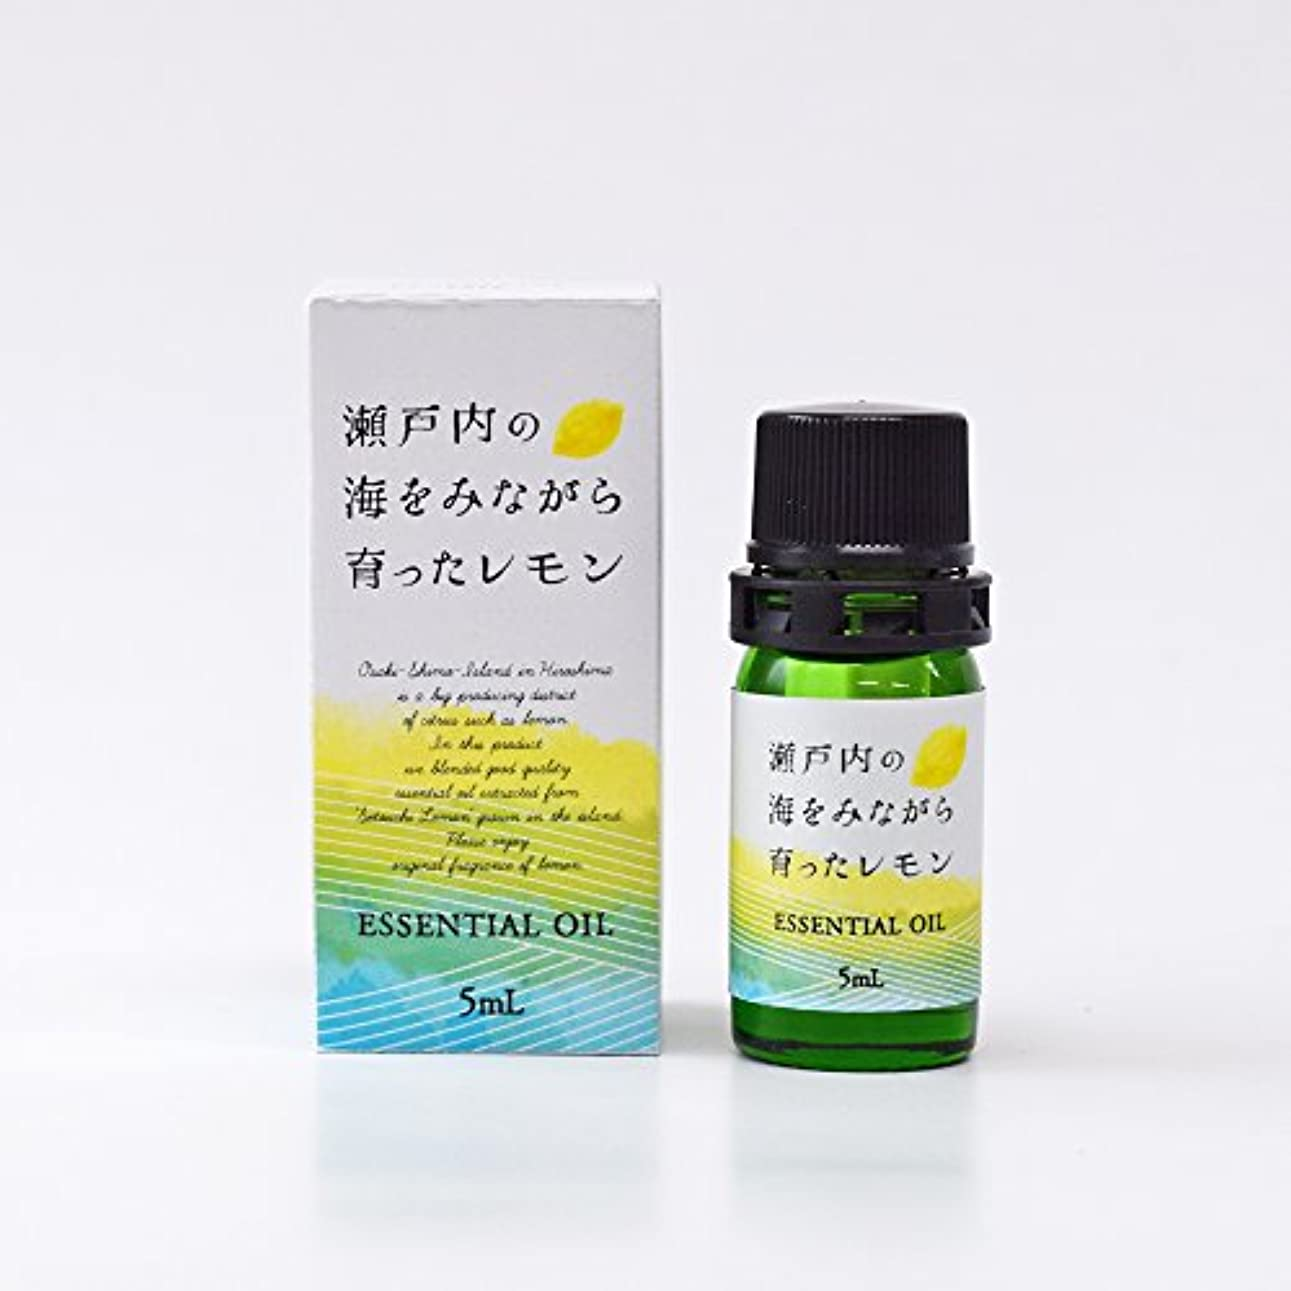 商業の新しさ入浴レモン エッセンシャルオイル